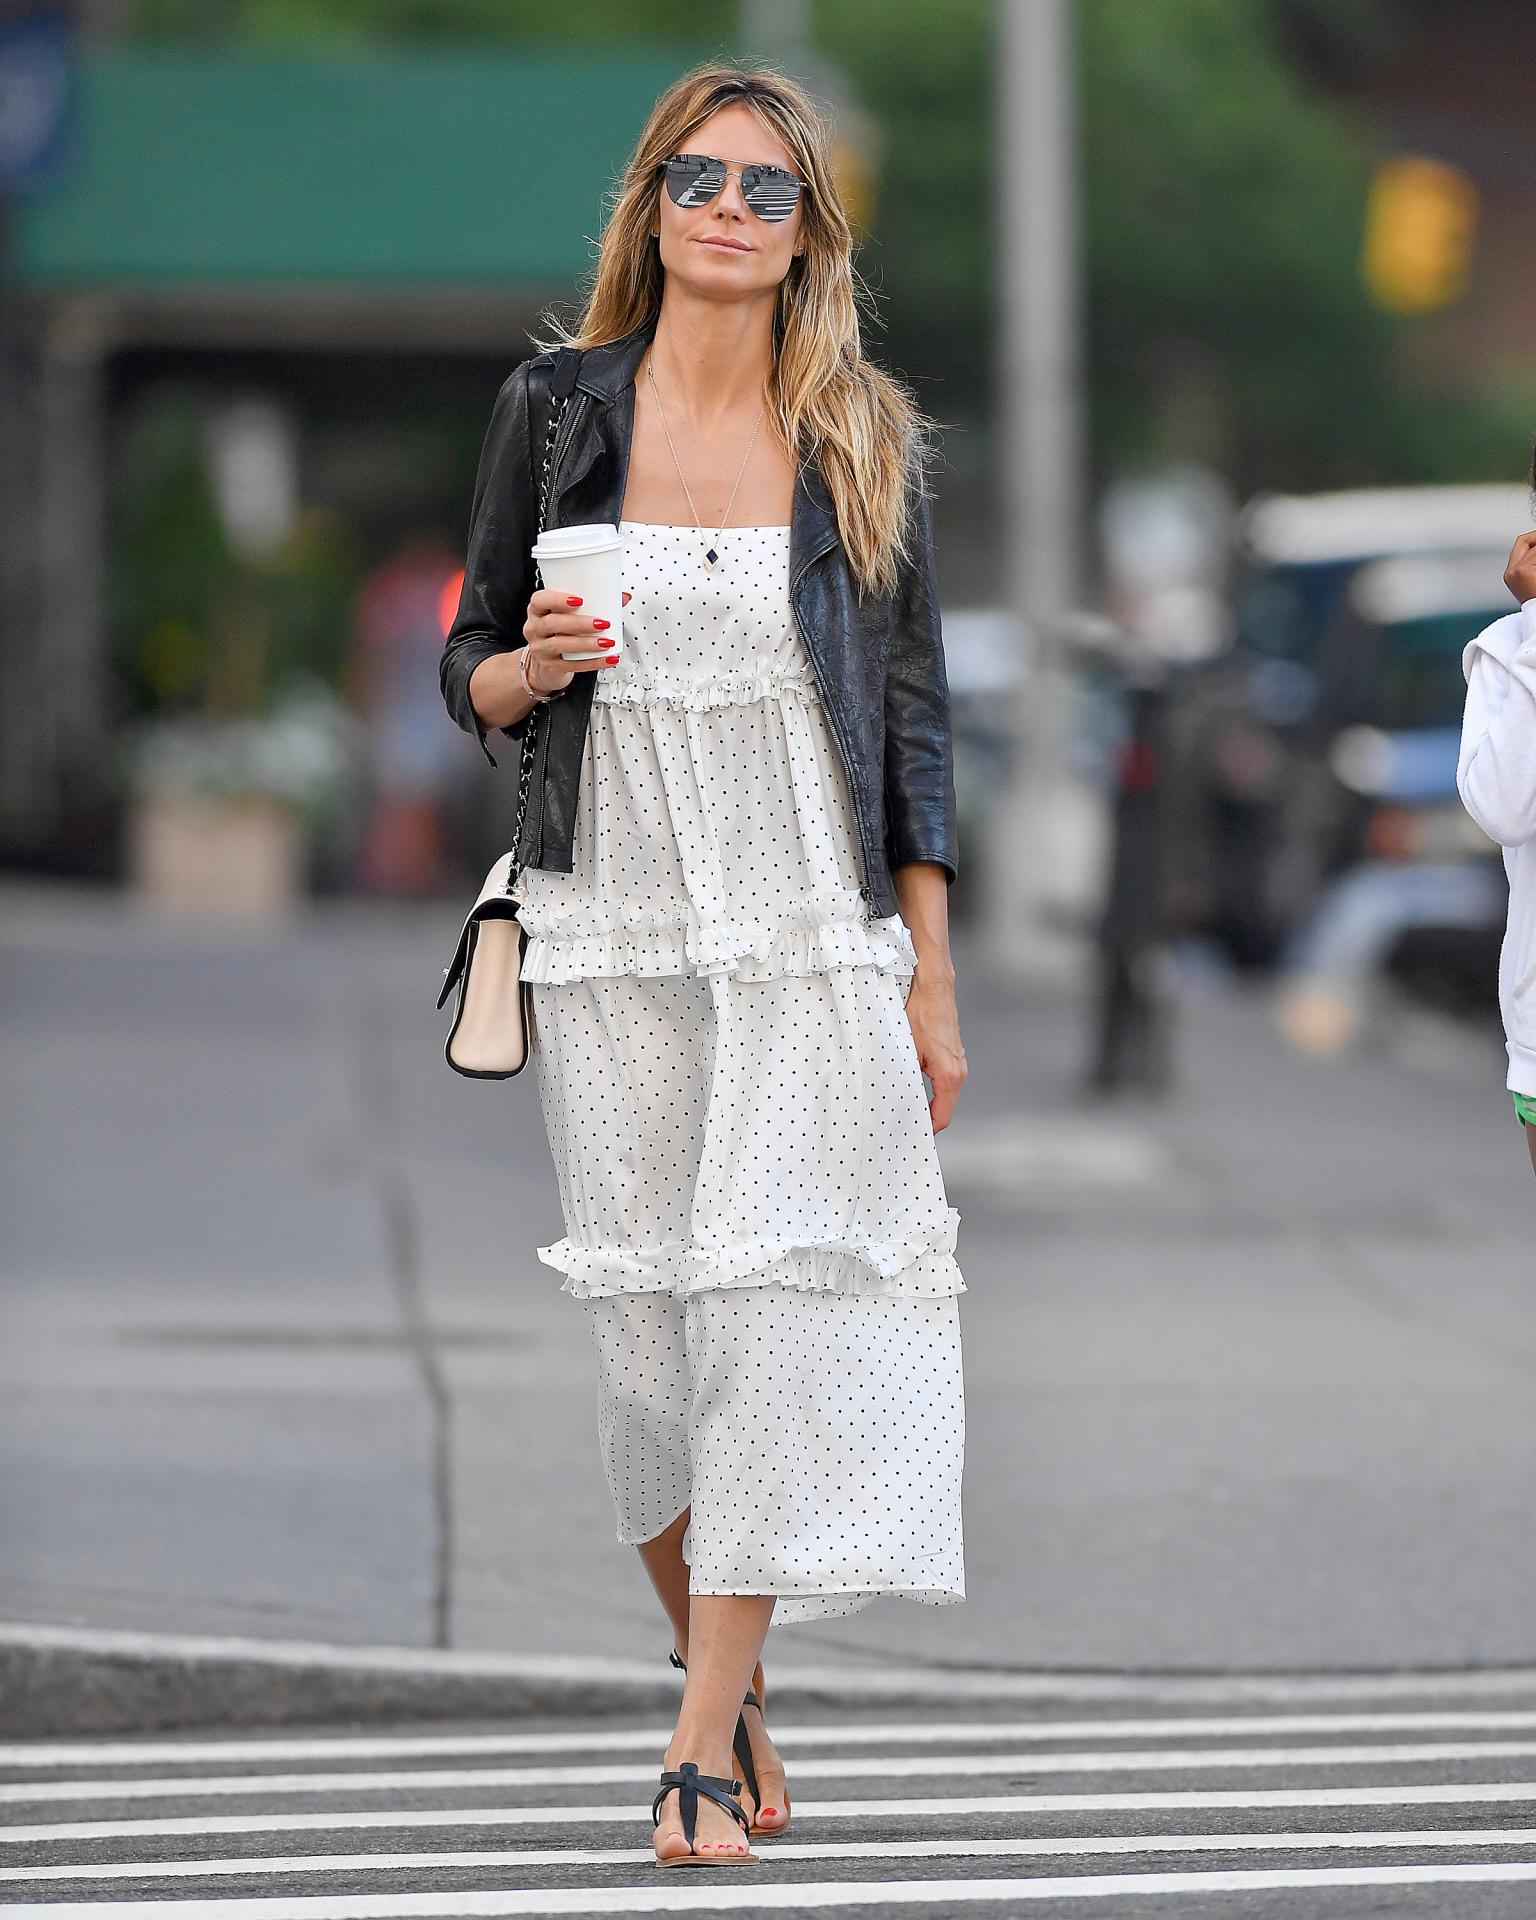 1f4982c87b62 Parecer más delgada: ropa y looks de famosas que estilizan - InStyle